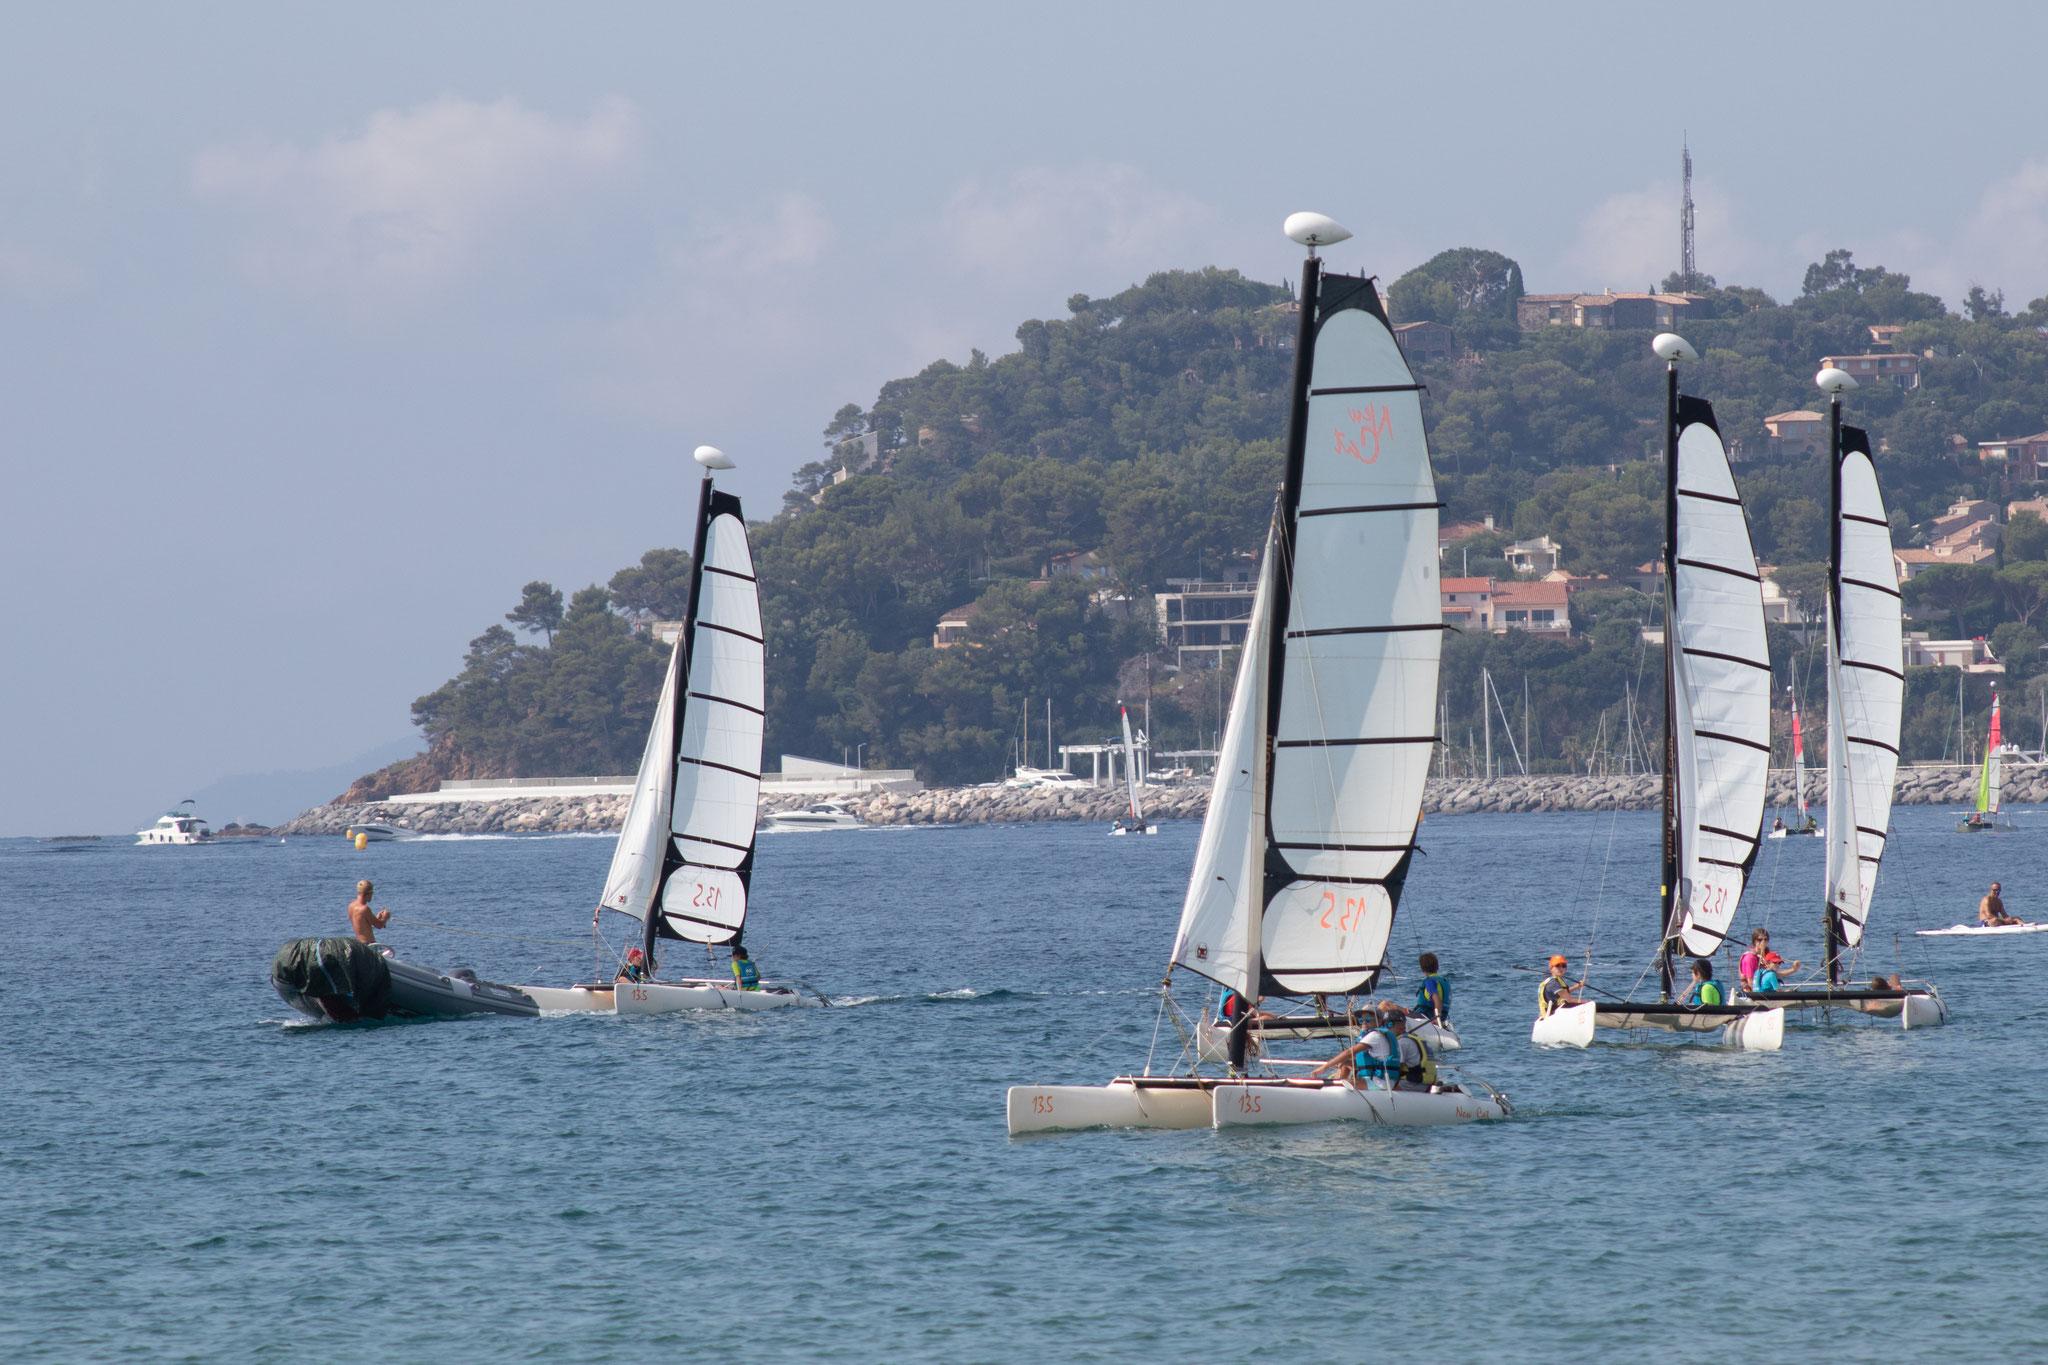 Photo du Offre de Stage de Catamaran 5 jours, du 12 au 16 juillet 2021 - Stage New Cat 13.5 proposé par MAIRIE DE LA CROIX VALMER - CENTRE NAUTIQUE affilié à la Fédération Française de Voile